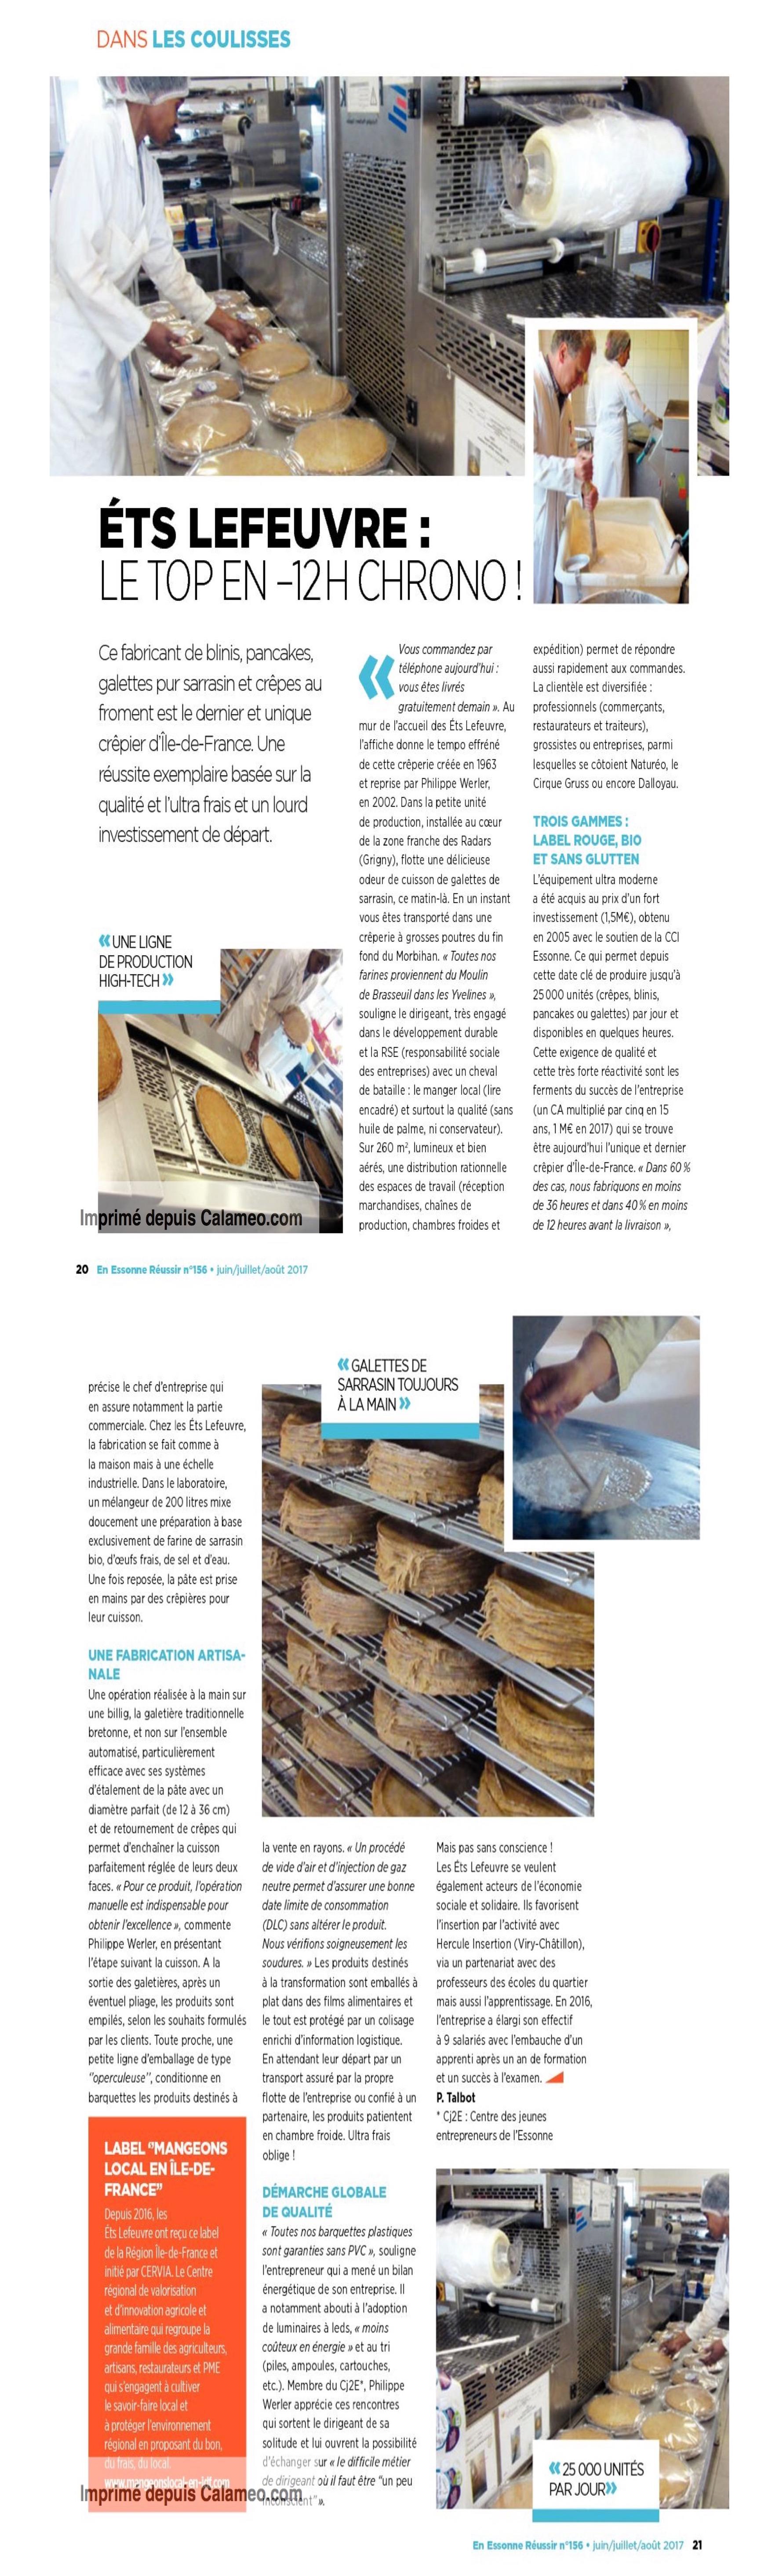 Ets LEFEUVRE Fabricant crªpier depuis 1963 Article magazine